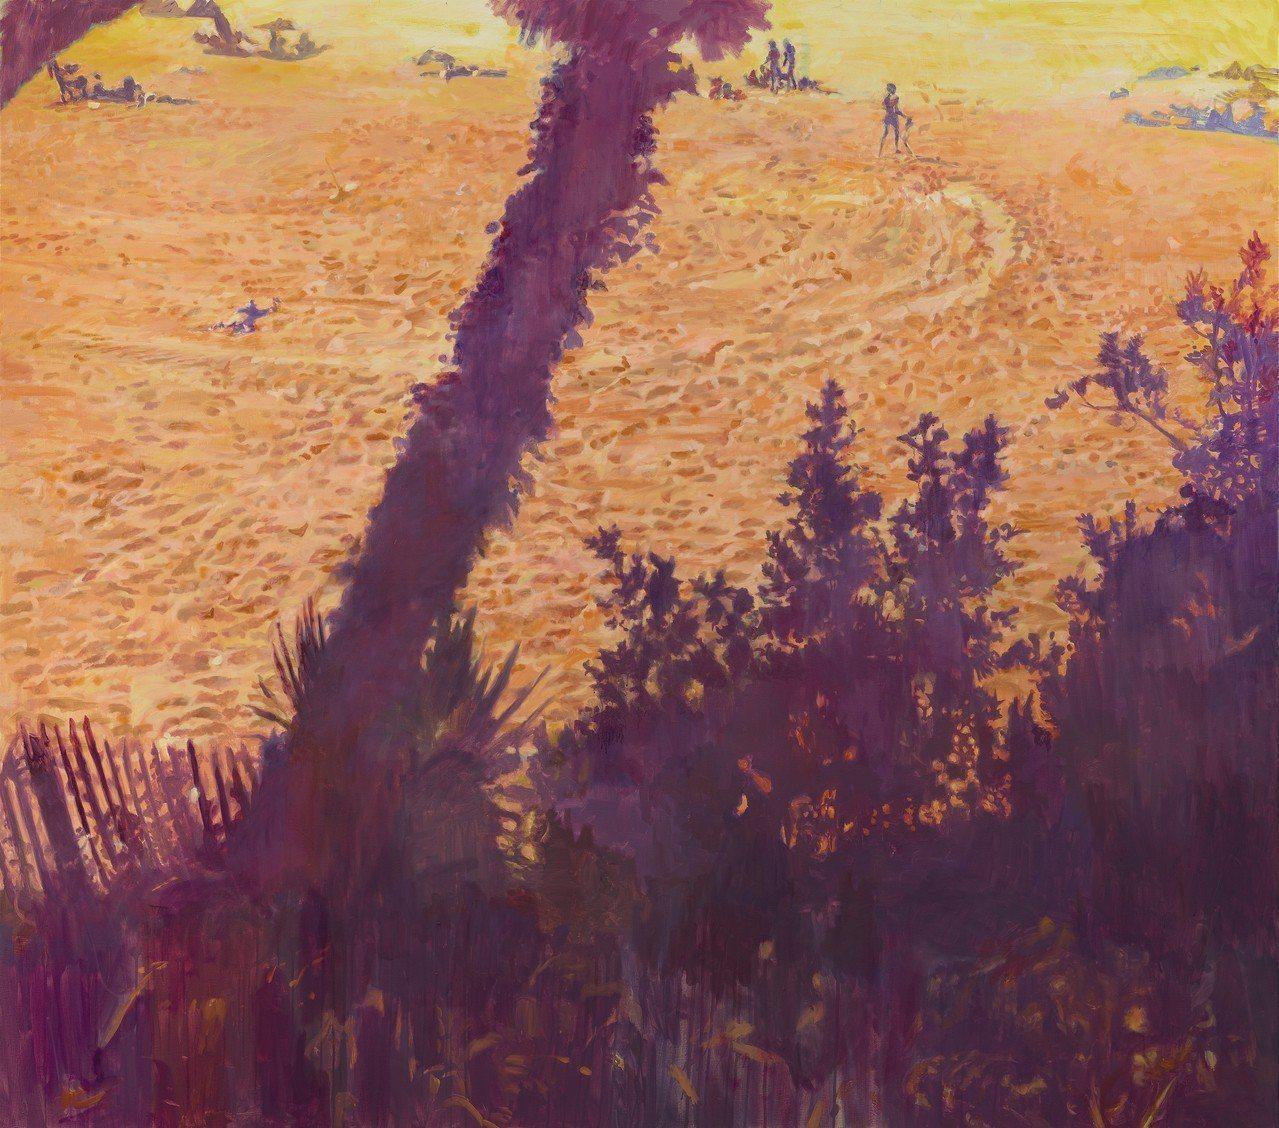 台北誠品畫廊將在首屆台北當代藝術博覽會帶來鄭君殿個展「陌生的花園」。圖/誠品畫廊...